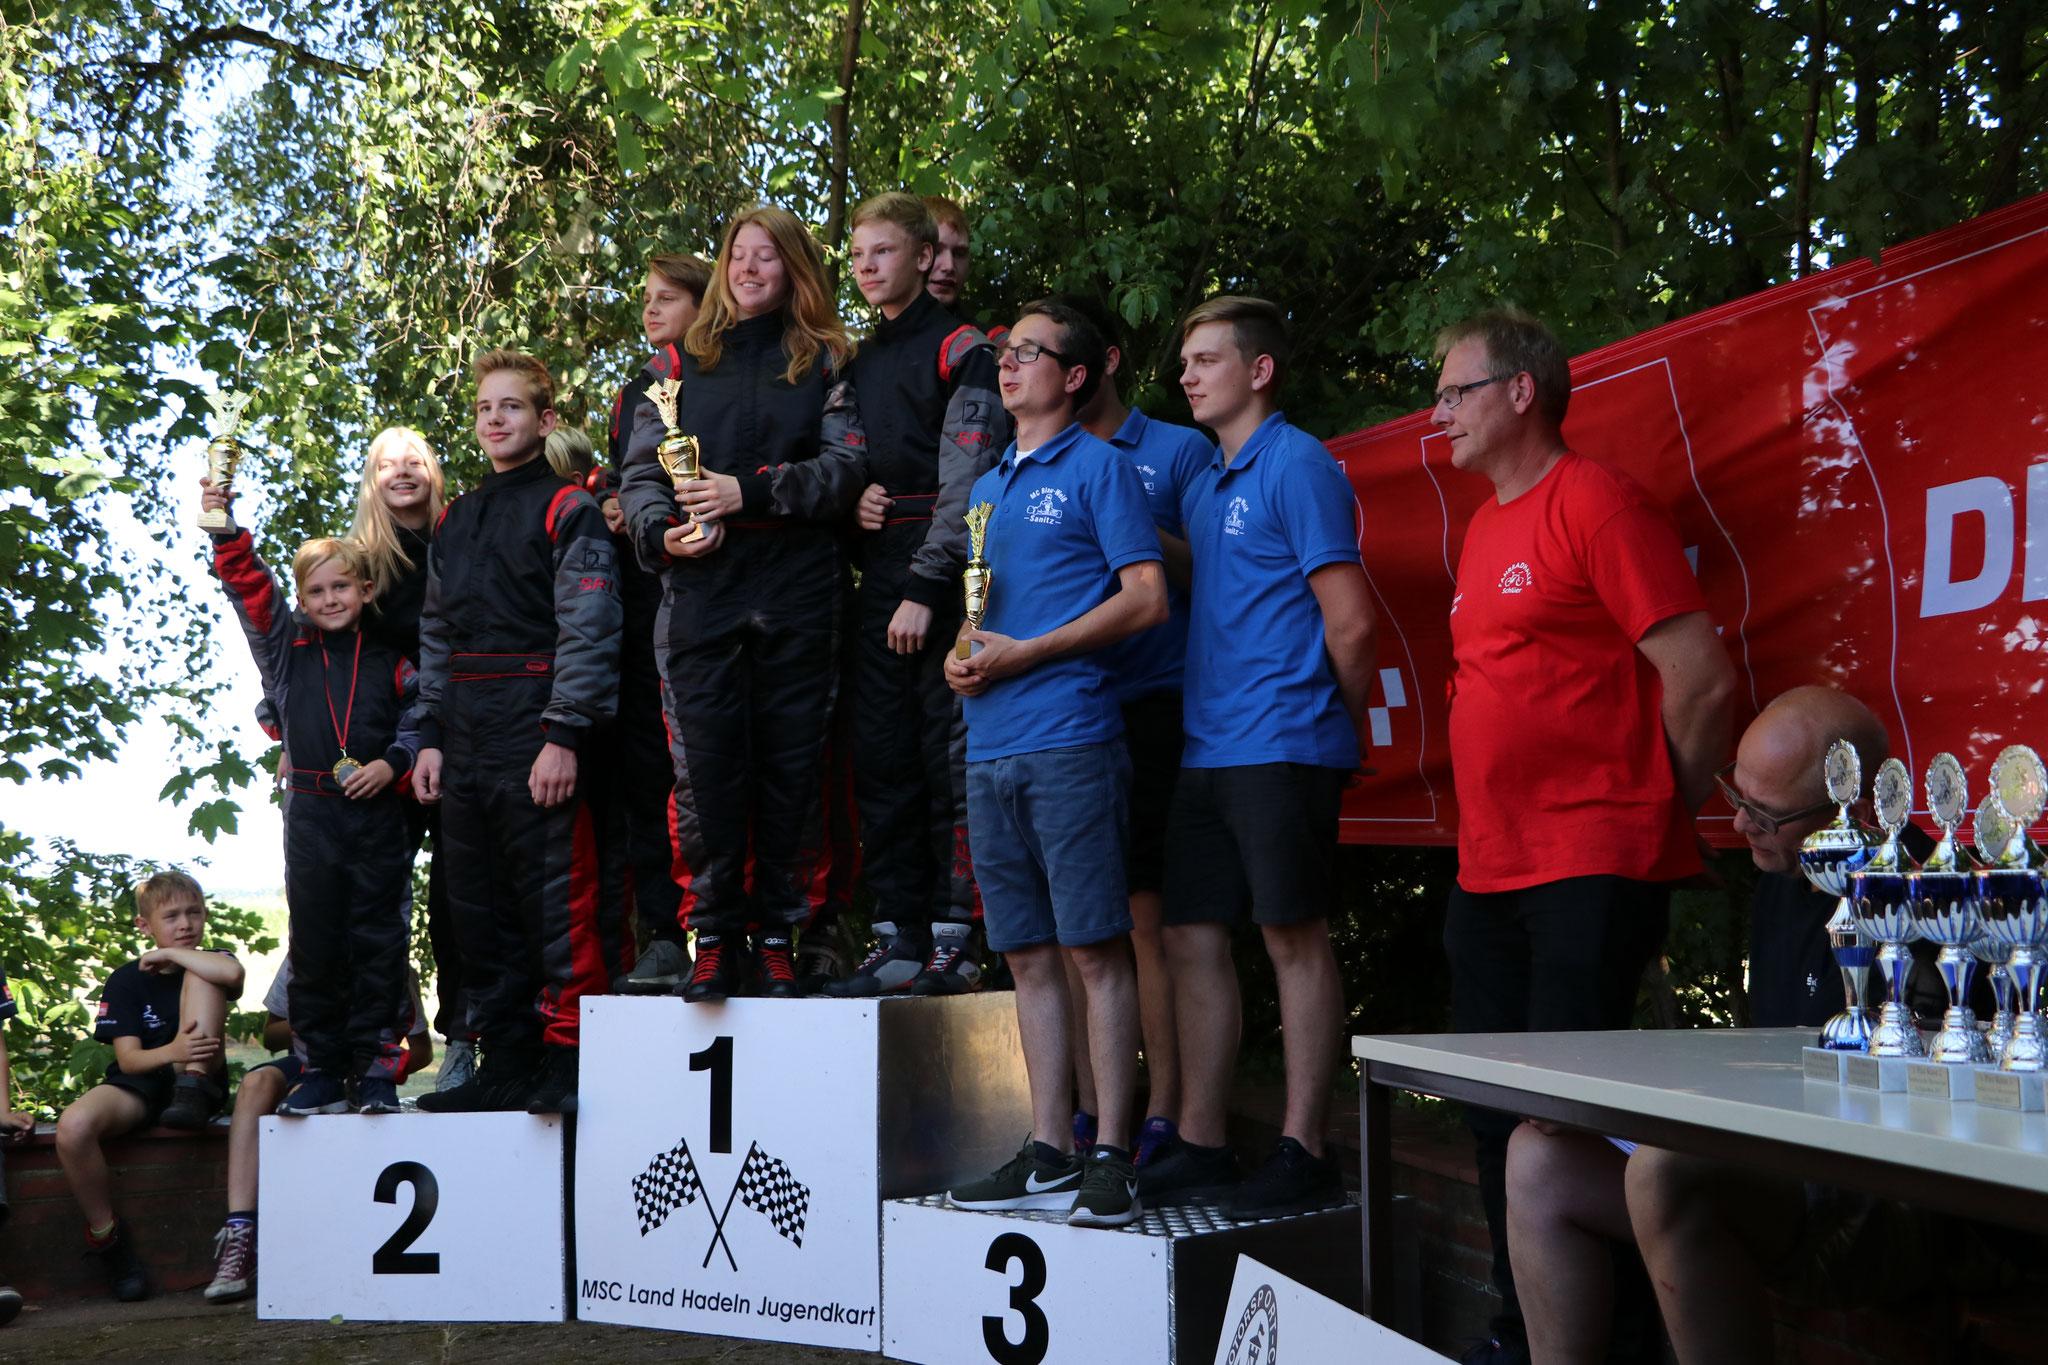 Die Mannschaft MSC Land Hadeln 1 kam auf den ersten Platz und MSC Land Hadeln 2  auf den Zweiten